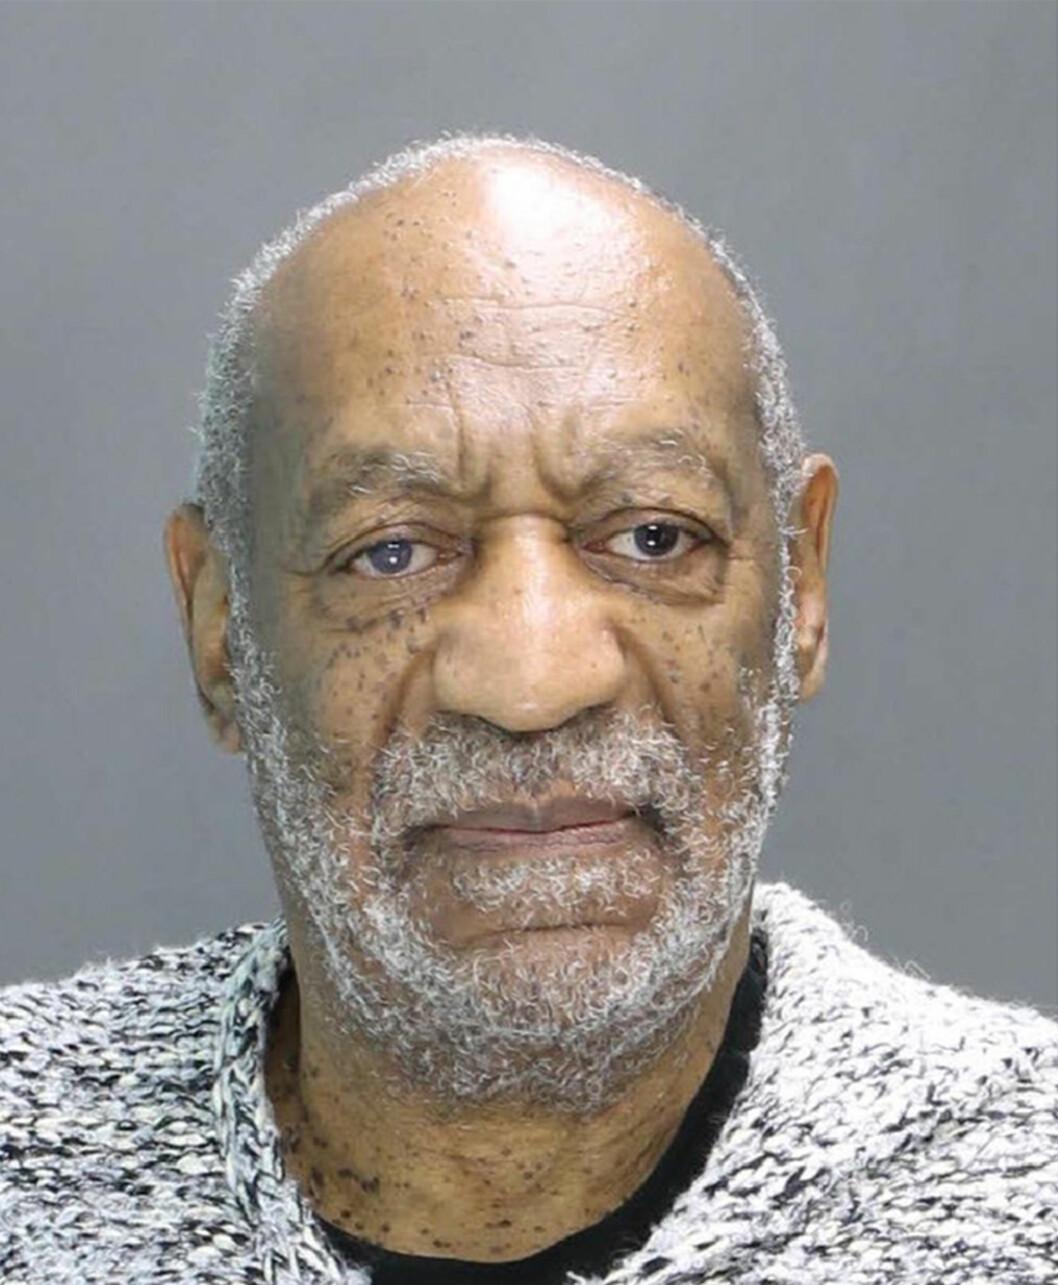 <strong>TILTALT:</strong> Etter at et utall kvinner har stått frem med anklager om seksuelle overgrep, ble Bill Cosby onsdag tiltalt i én overgepssak.  Foto: Splash News